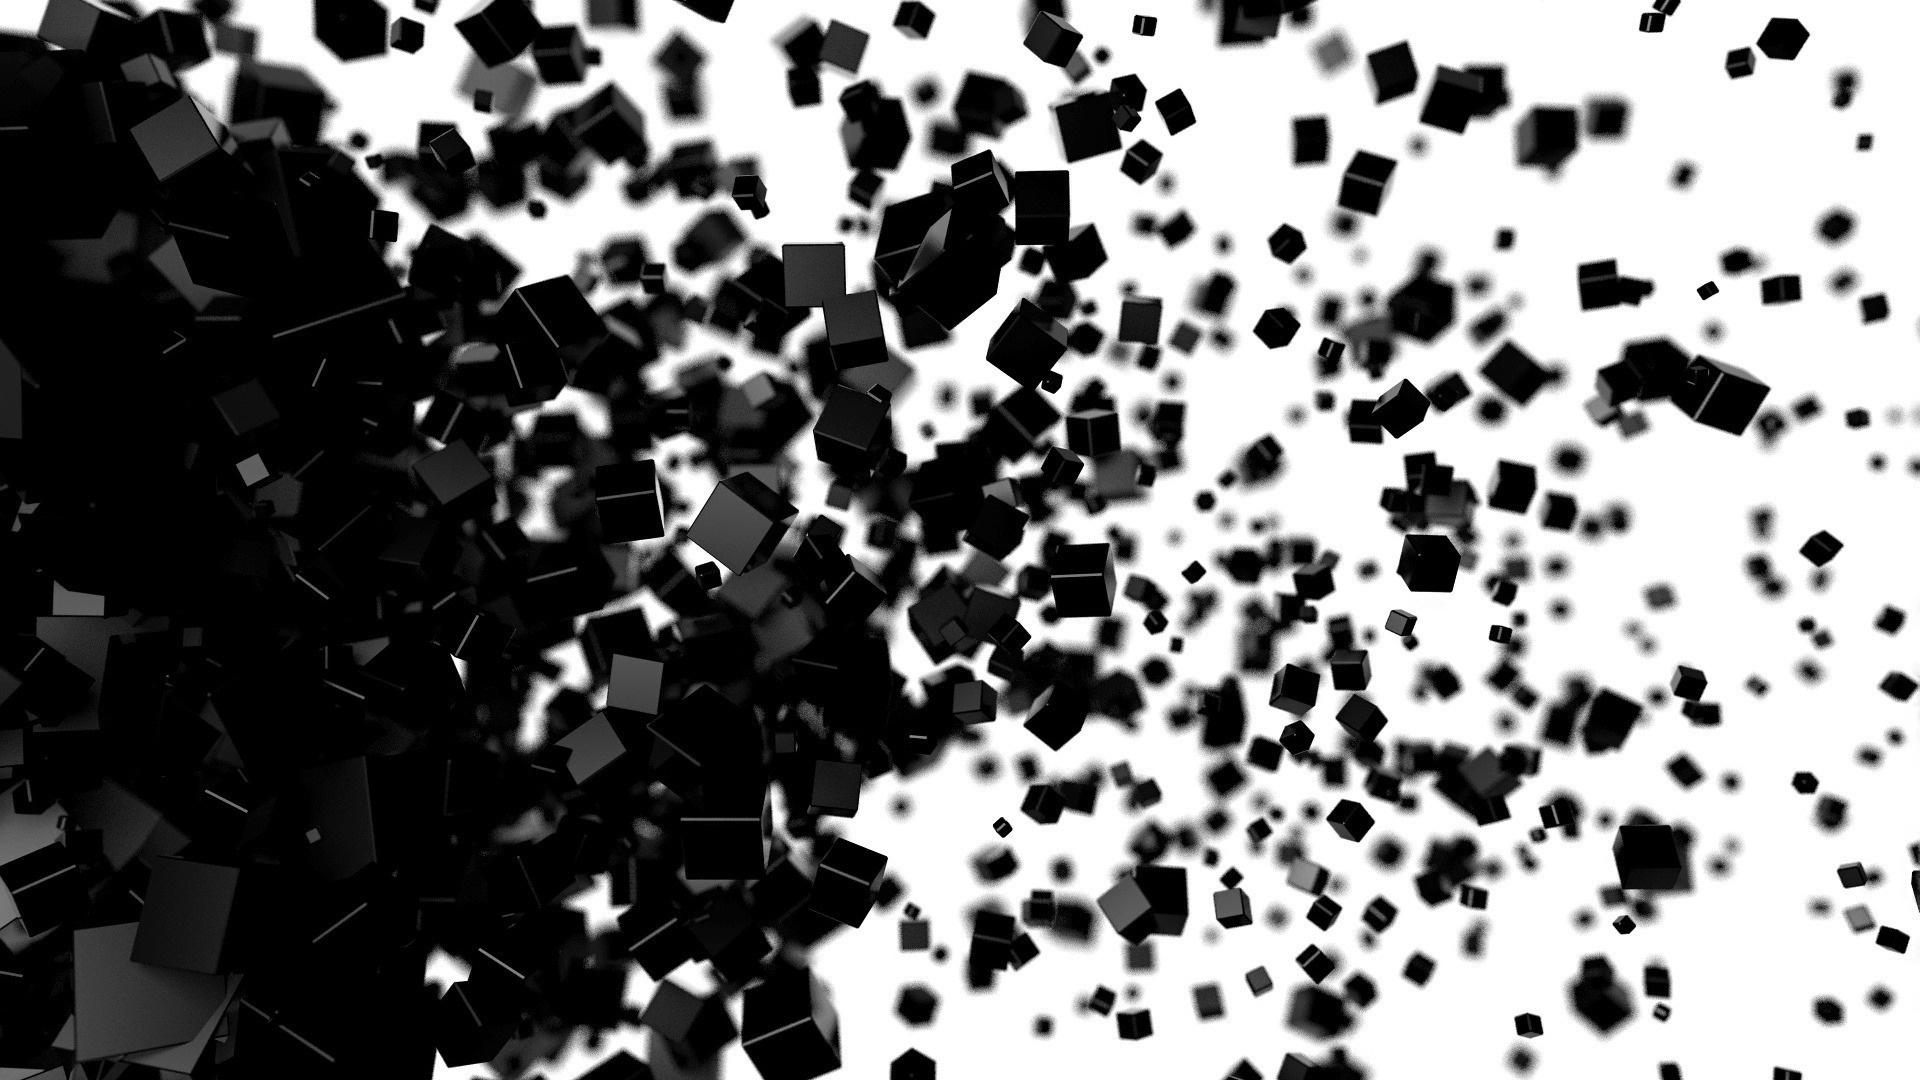 картинка чёрные и белые полосы